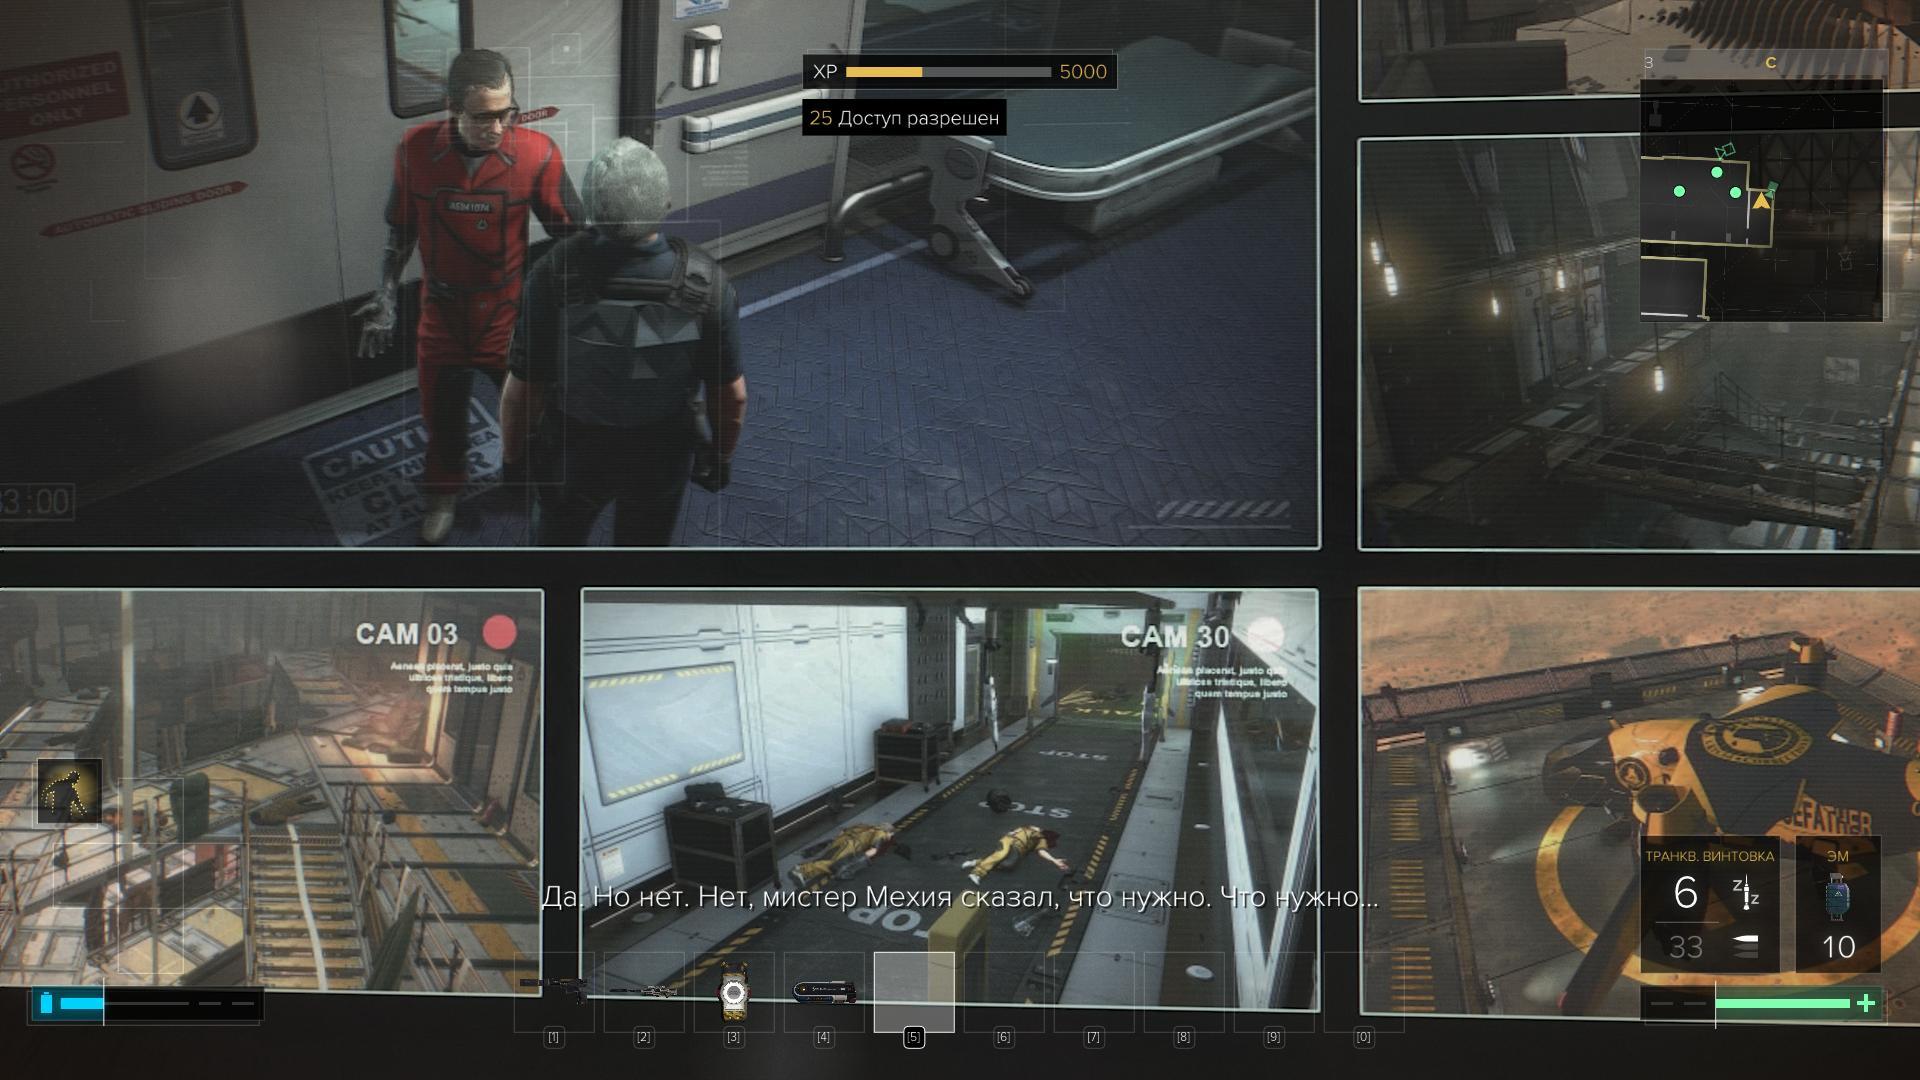 000414.Jpg - Deus Ex: Mankind Divided